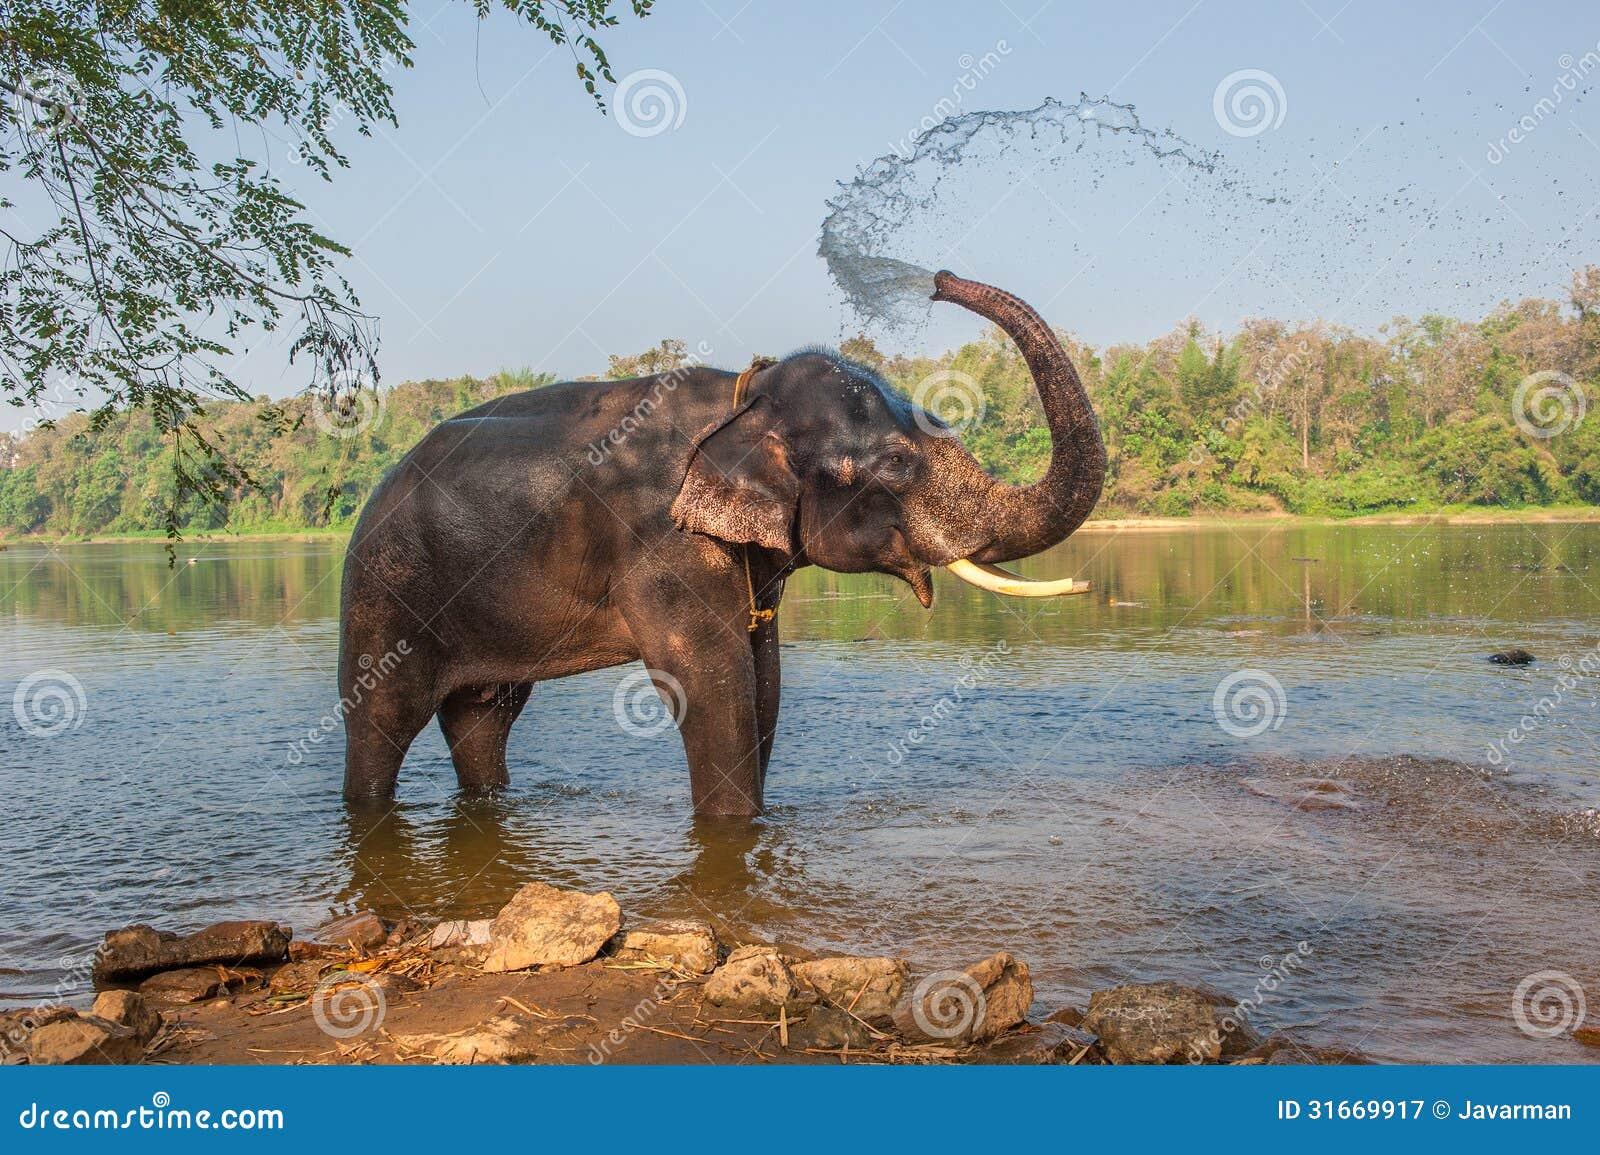 Elephant Bathing, Kerala, India Royalty Free Stock Photography - Image ...